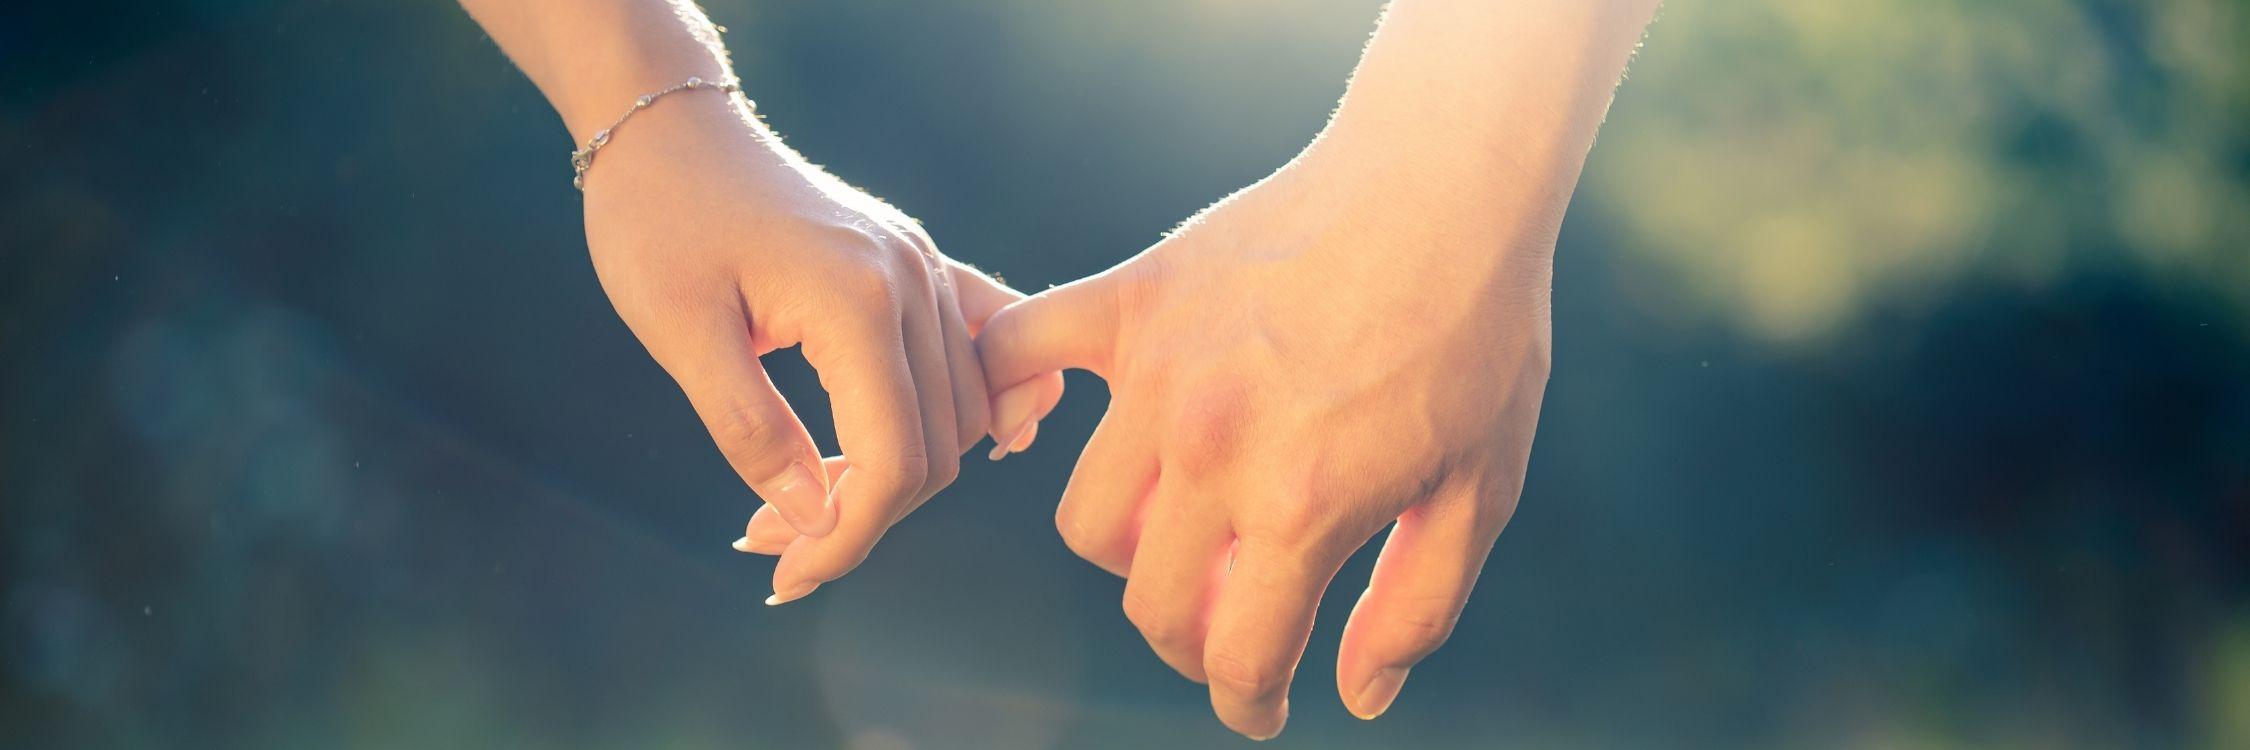 Binnenkort: Online huwelijkscursus vanuit een hoopvol perspectief